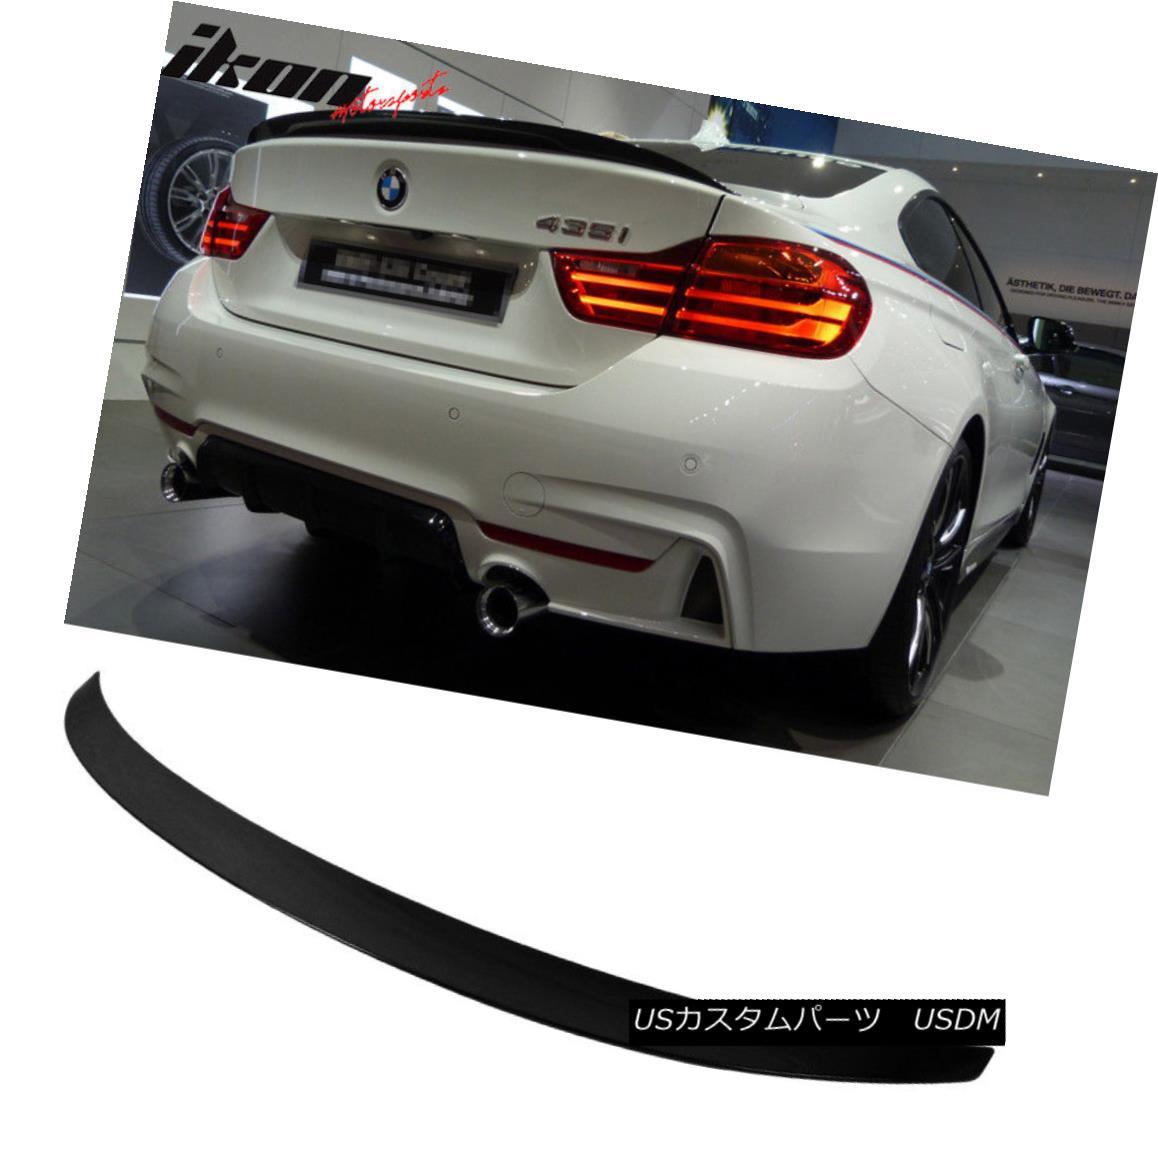 エアロパーツ Fits 14-17 BMW 3 Series F32 Performance Trunk Spoiler Painted Jet Black #668 フィット14-17 BMW 3シリーズF32パフォーマンストランクスポイラーペイントジェットブラック#668